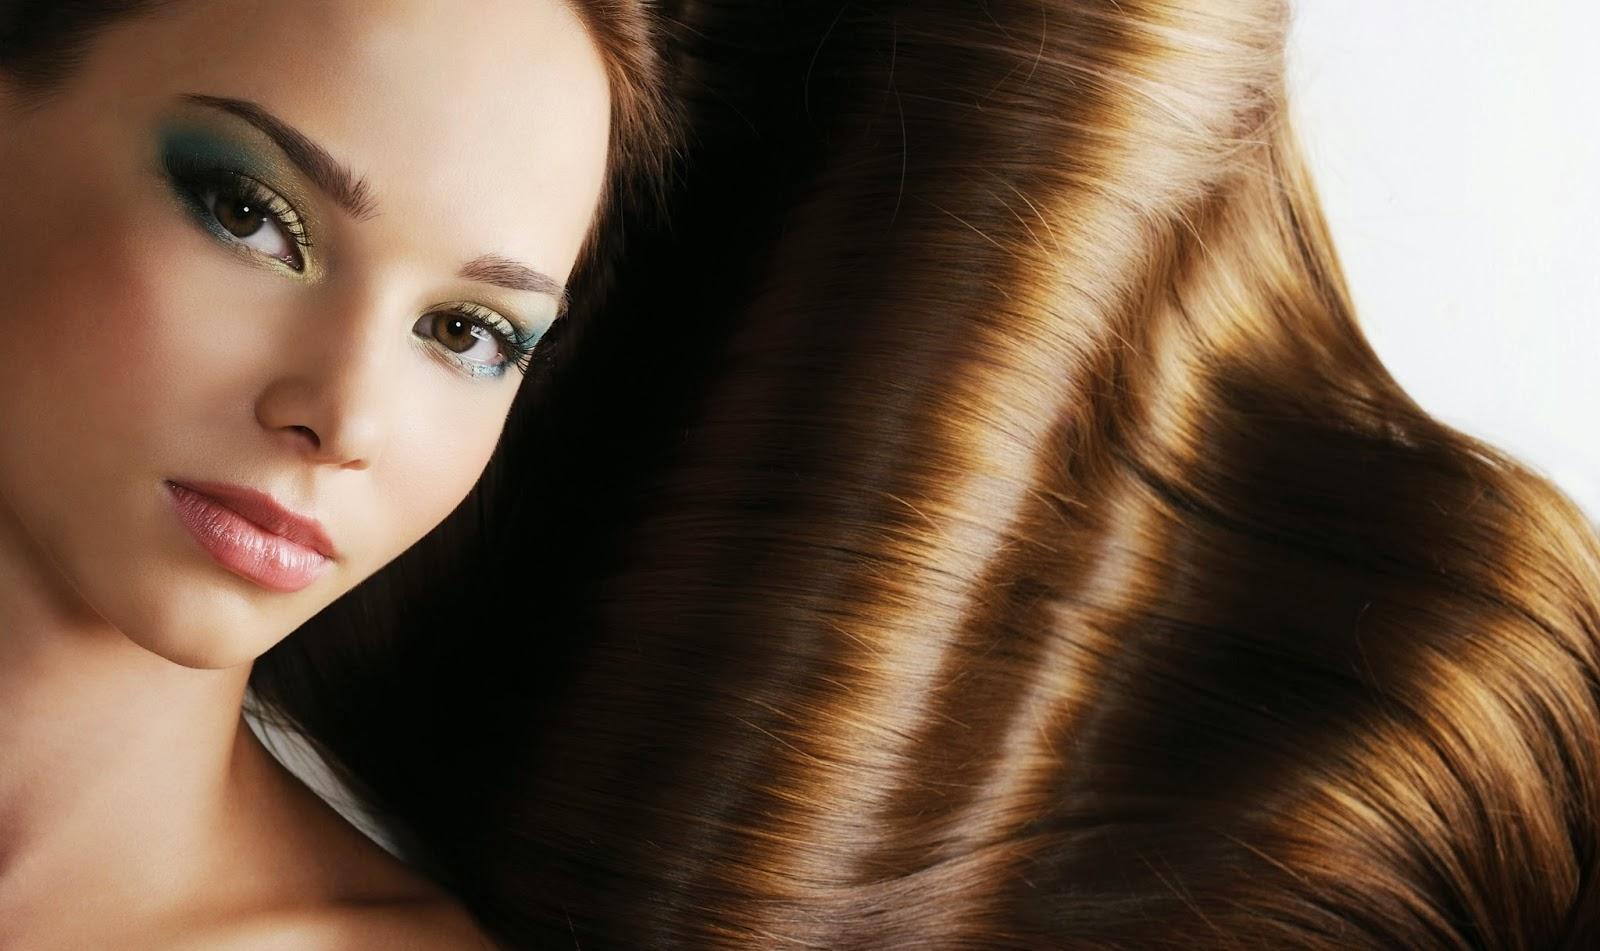 Tips Wanita, Tips Cara Alami Mengatasi Kerusakan Rambut dengan Buah